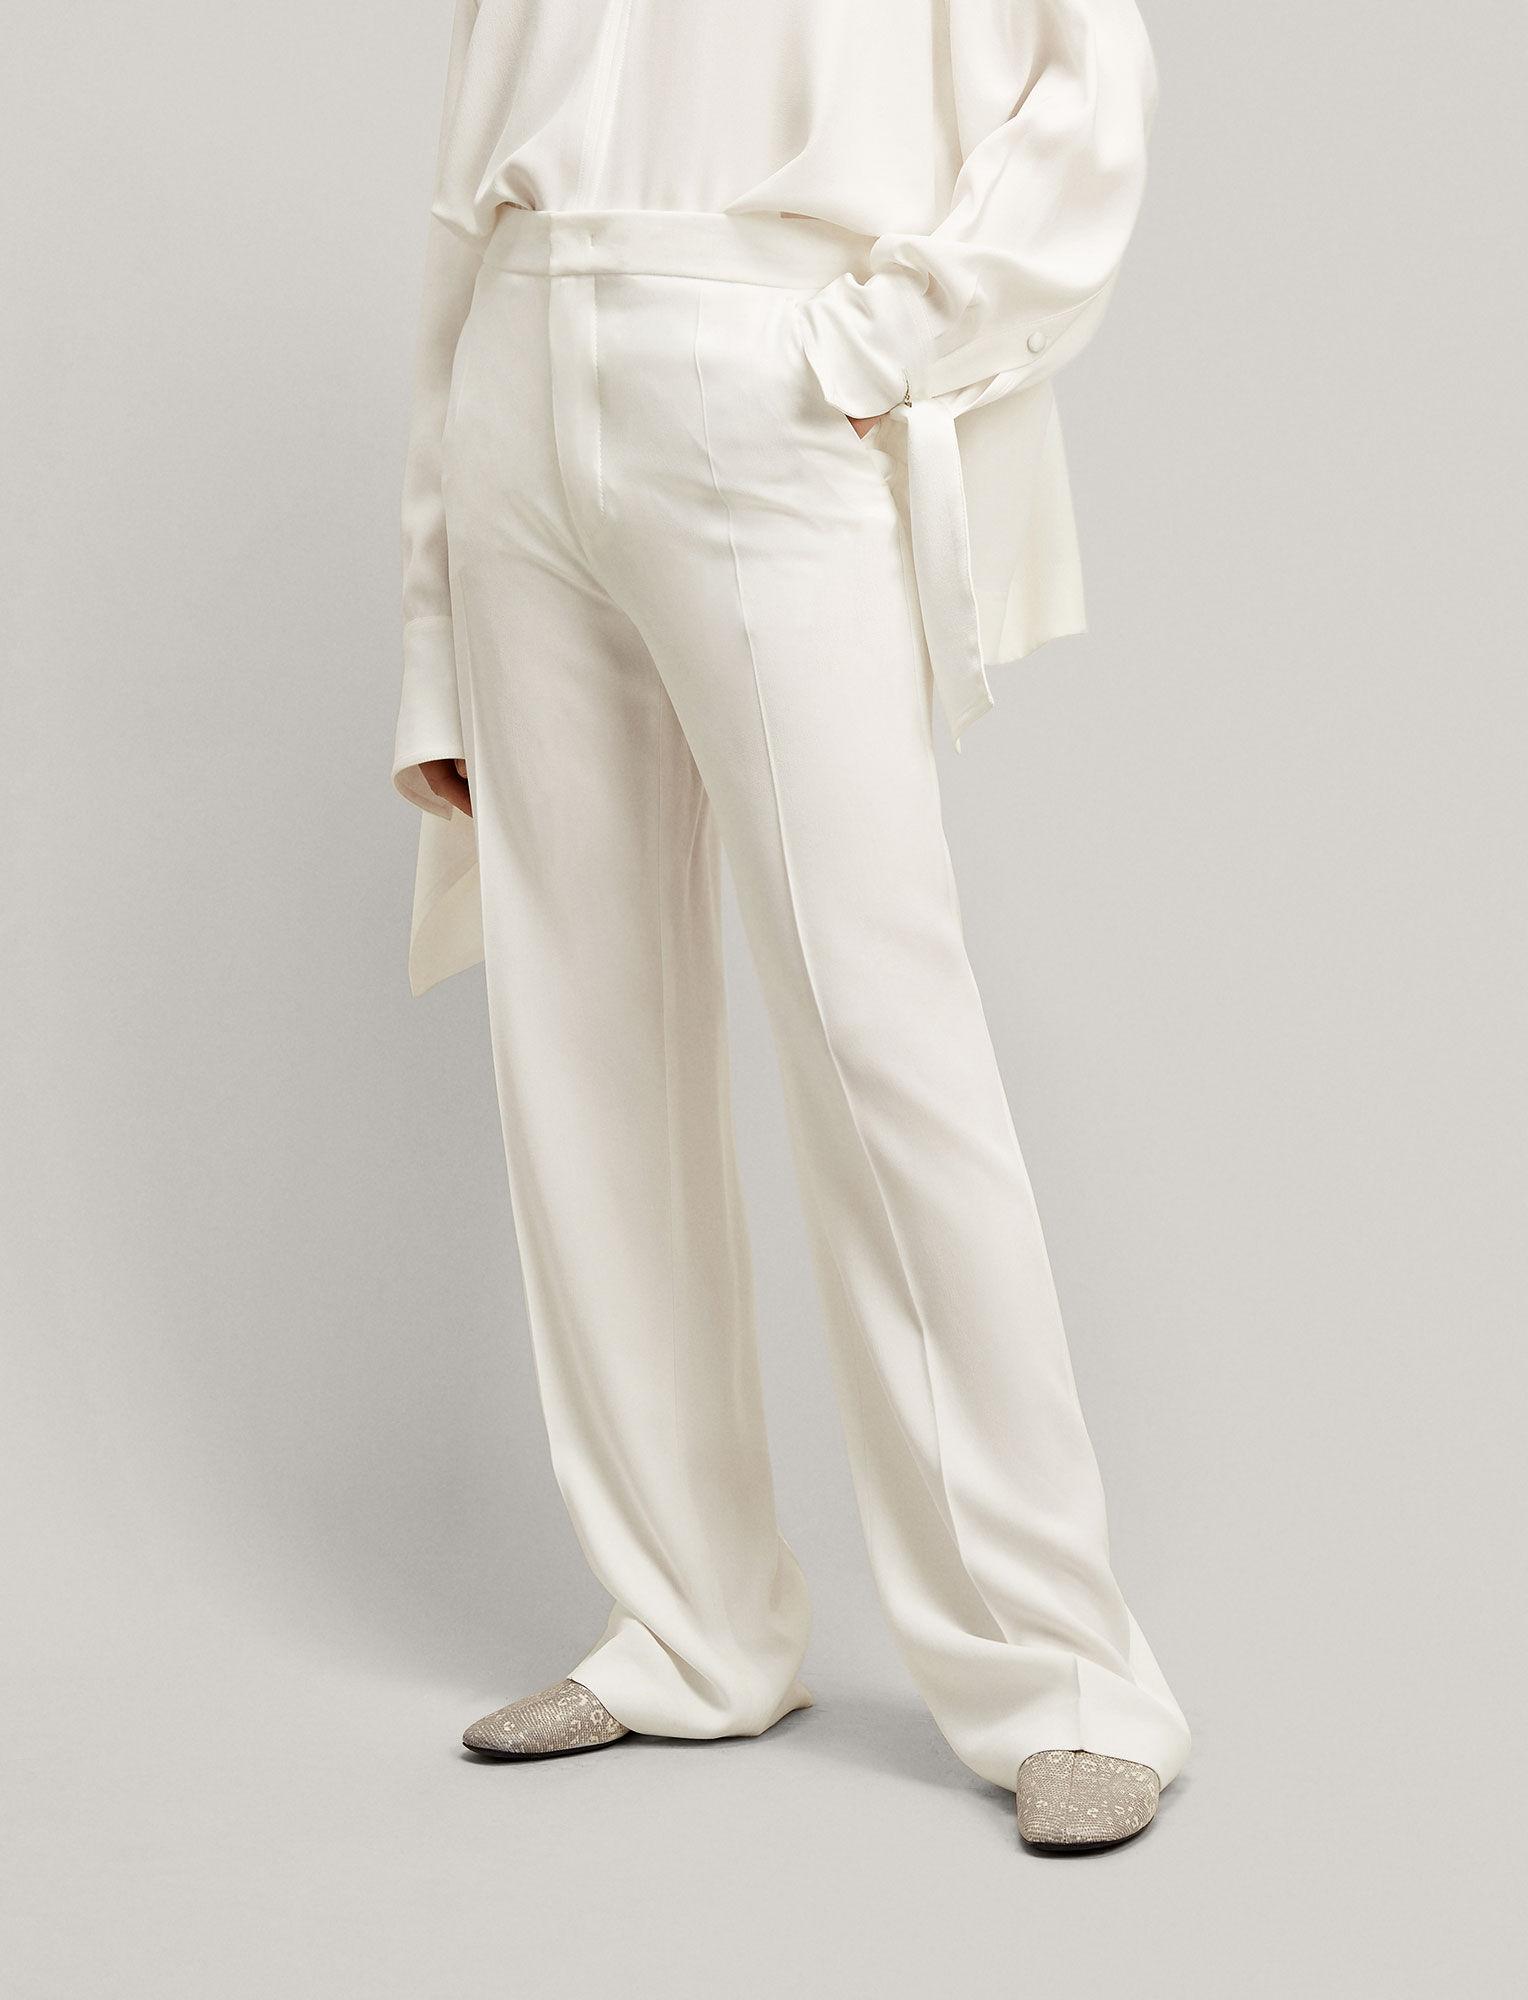 a19a9392bdacc JOSEPH-New-Ferdy-Crepe-Satin-Trousers-White-jp0004610020-3.jpg